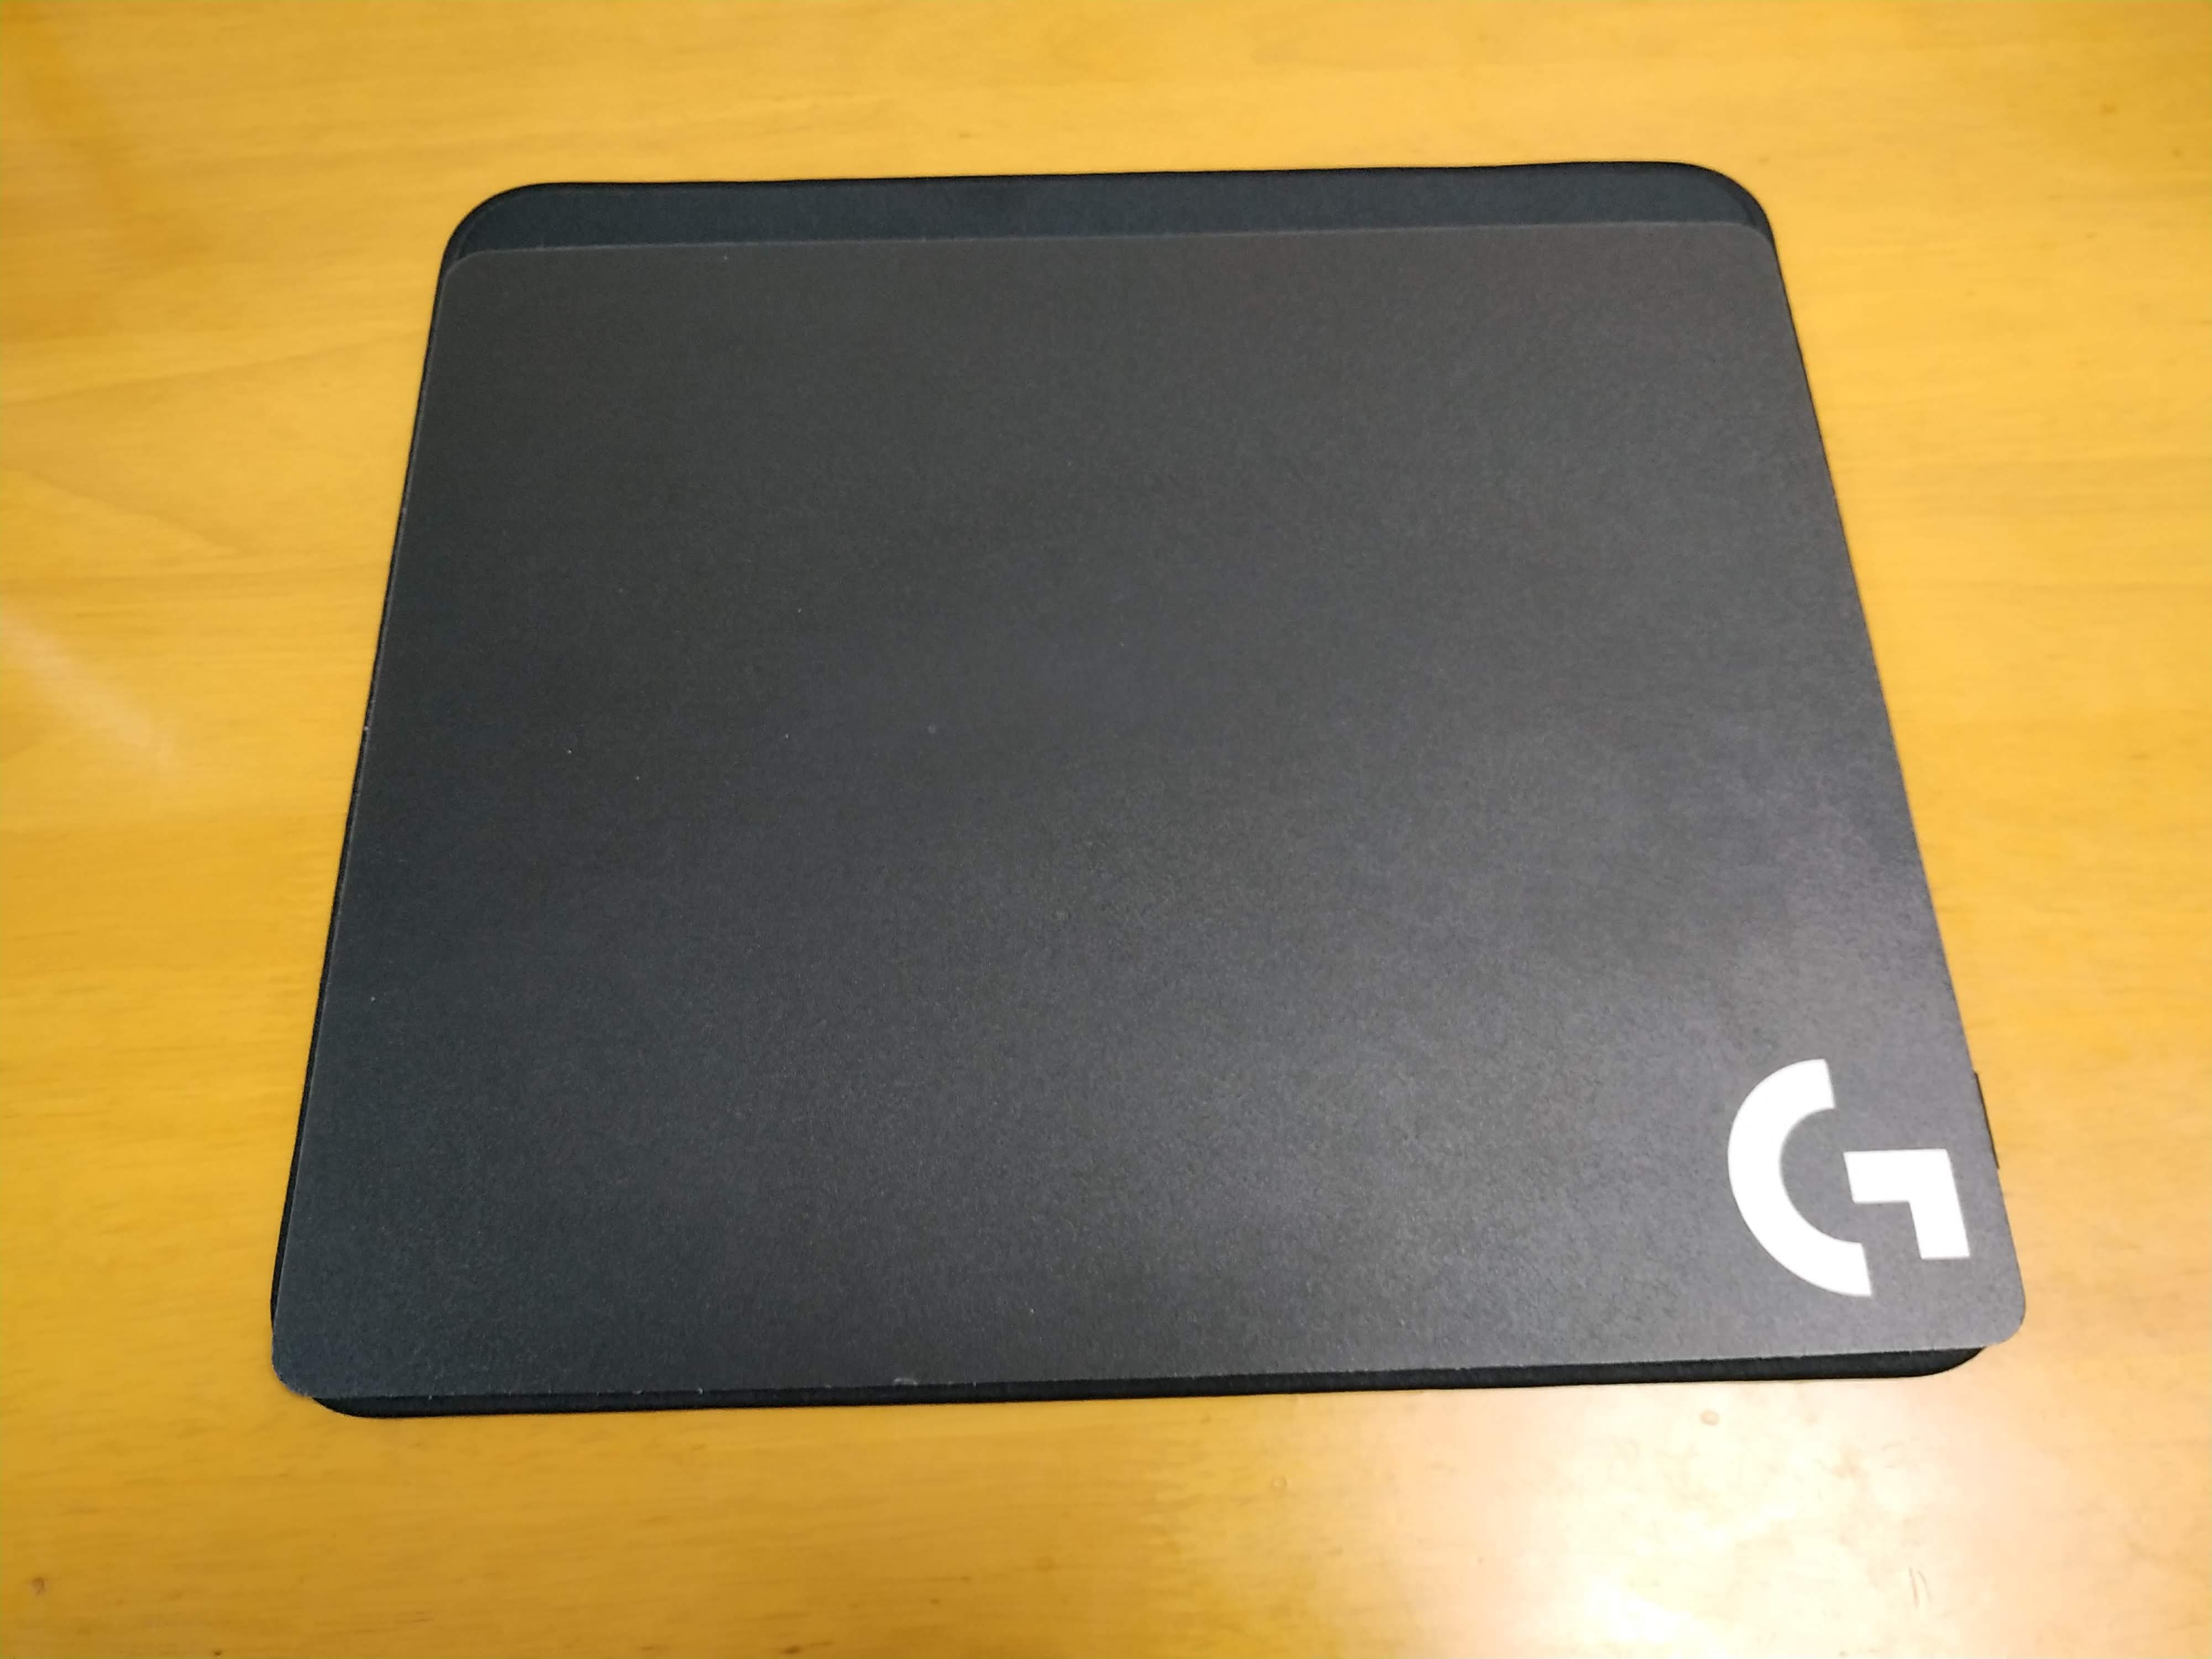 Logicool G440t